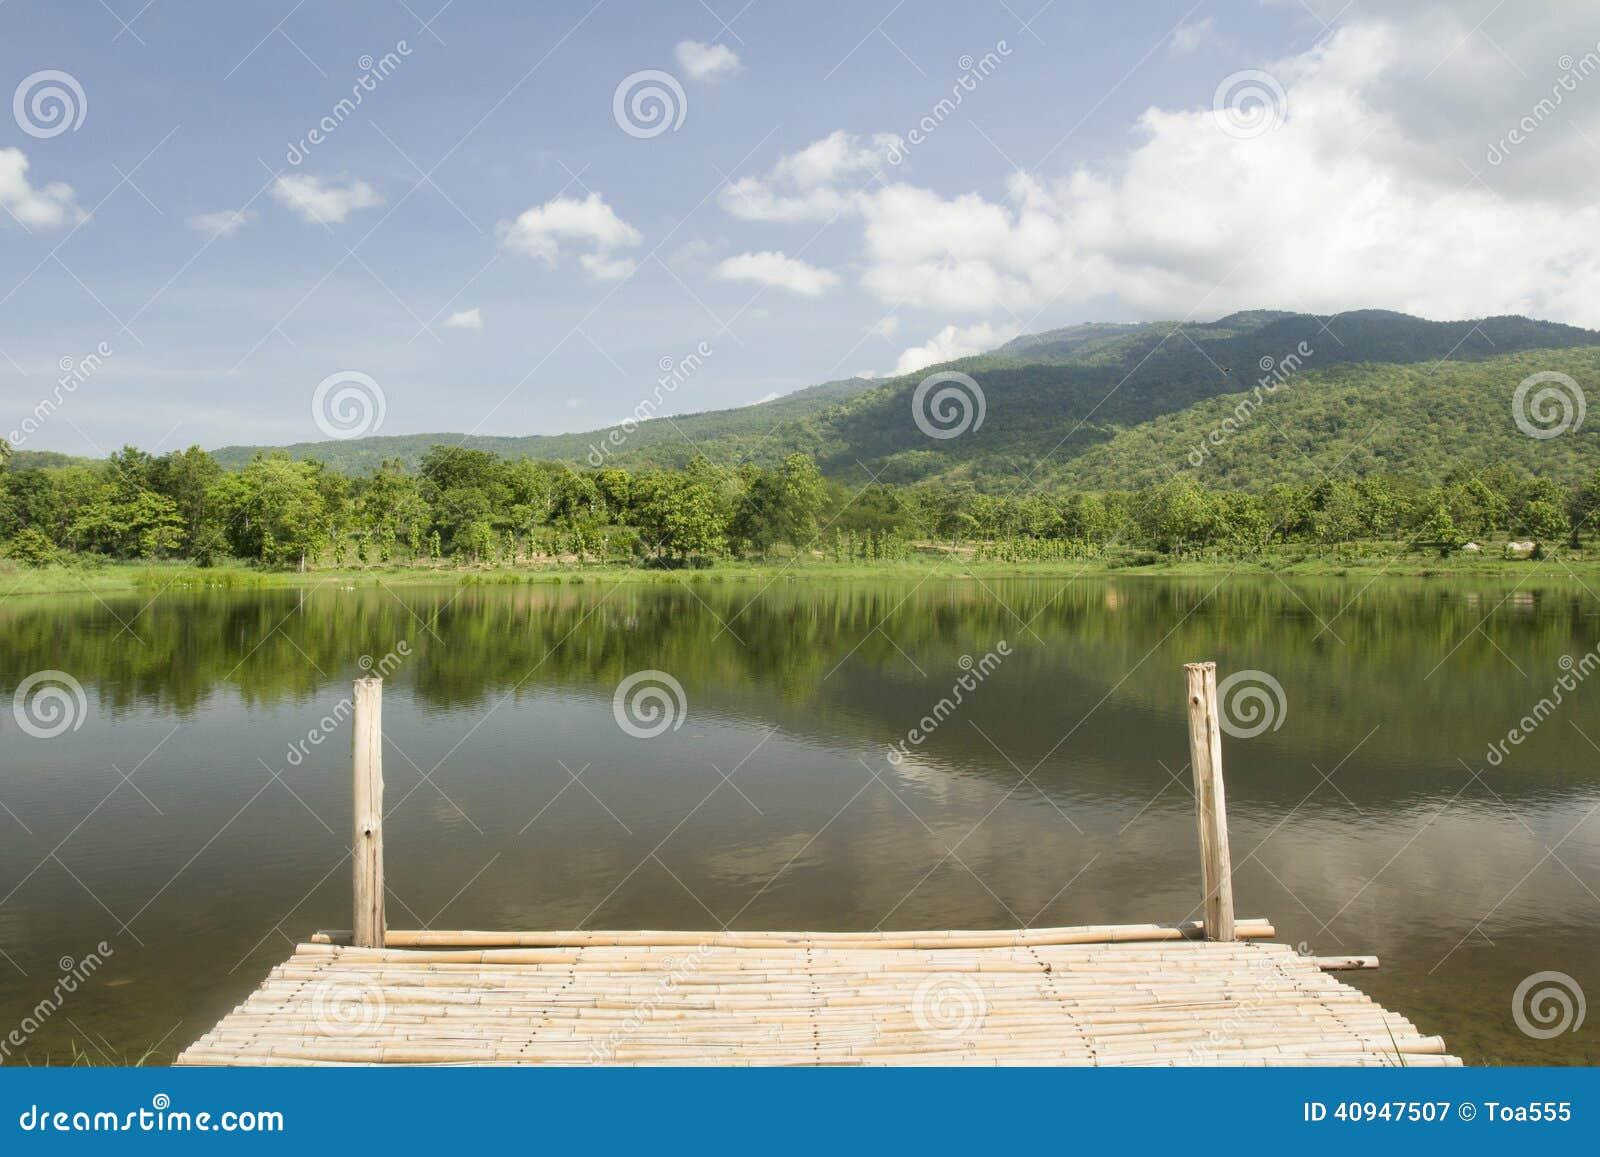 Pilastro di bamb del passaggio pedonale del molo nel lago for Cabine del lago vuoto